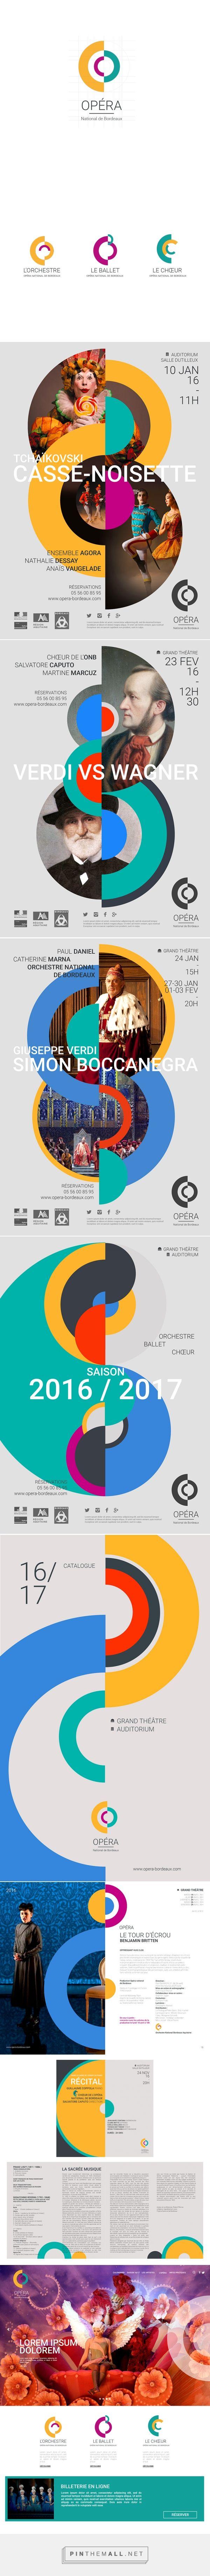 identité de l'opéra national de bordeaux by Jérémie Bonne